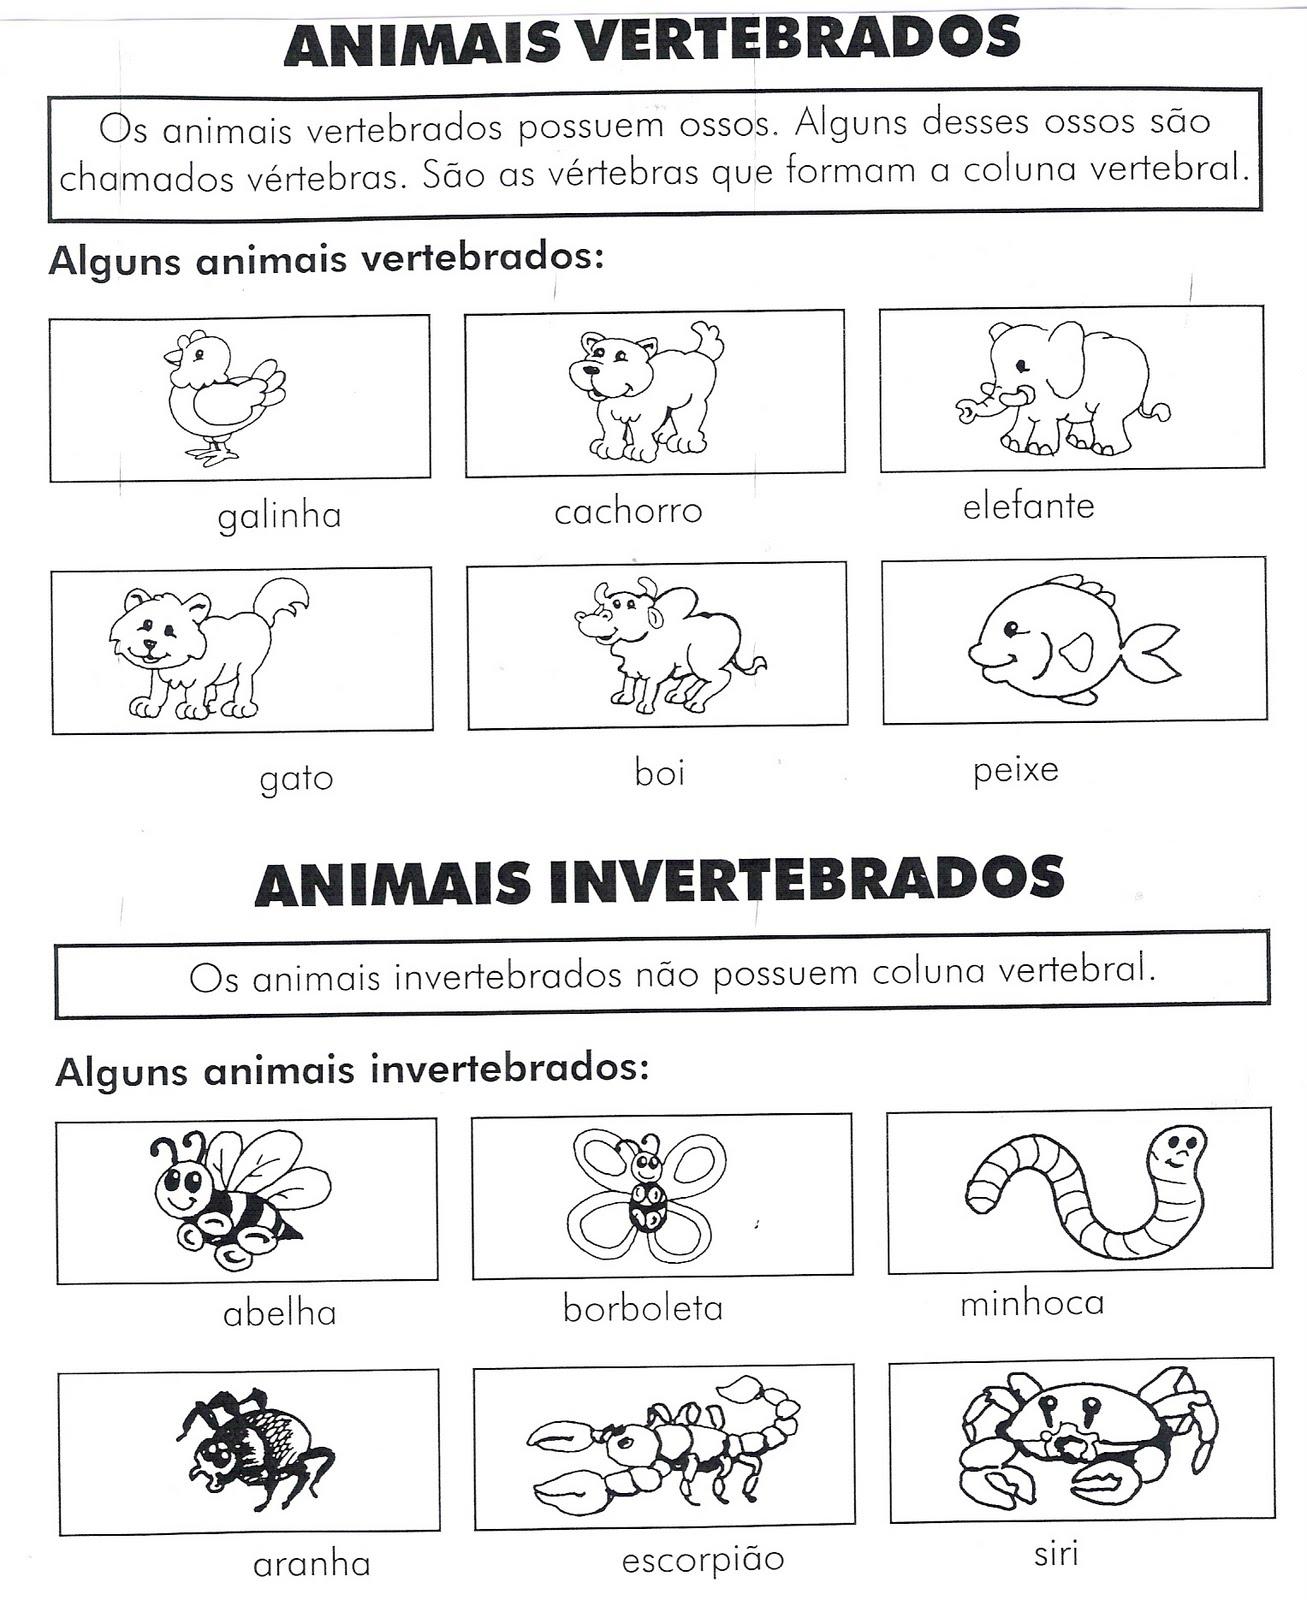 ANIMAIS VERTEBRADOS E INVERTEBRADOS EXERC  CIOS ATIVIDADES PARA